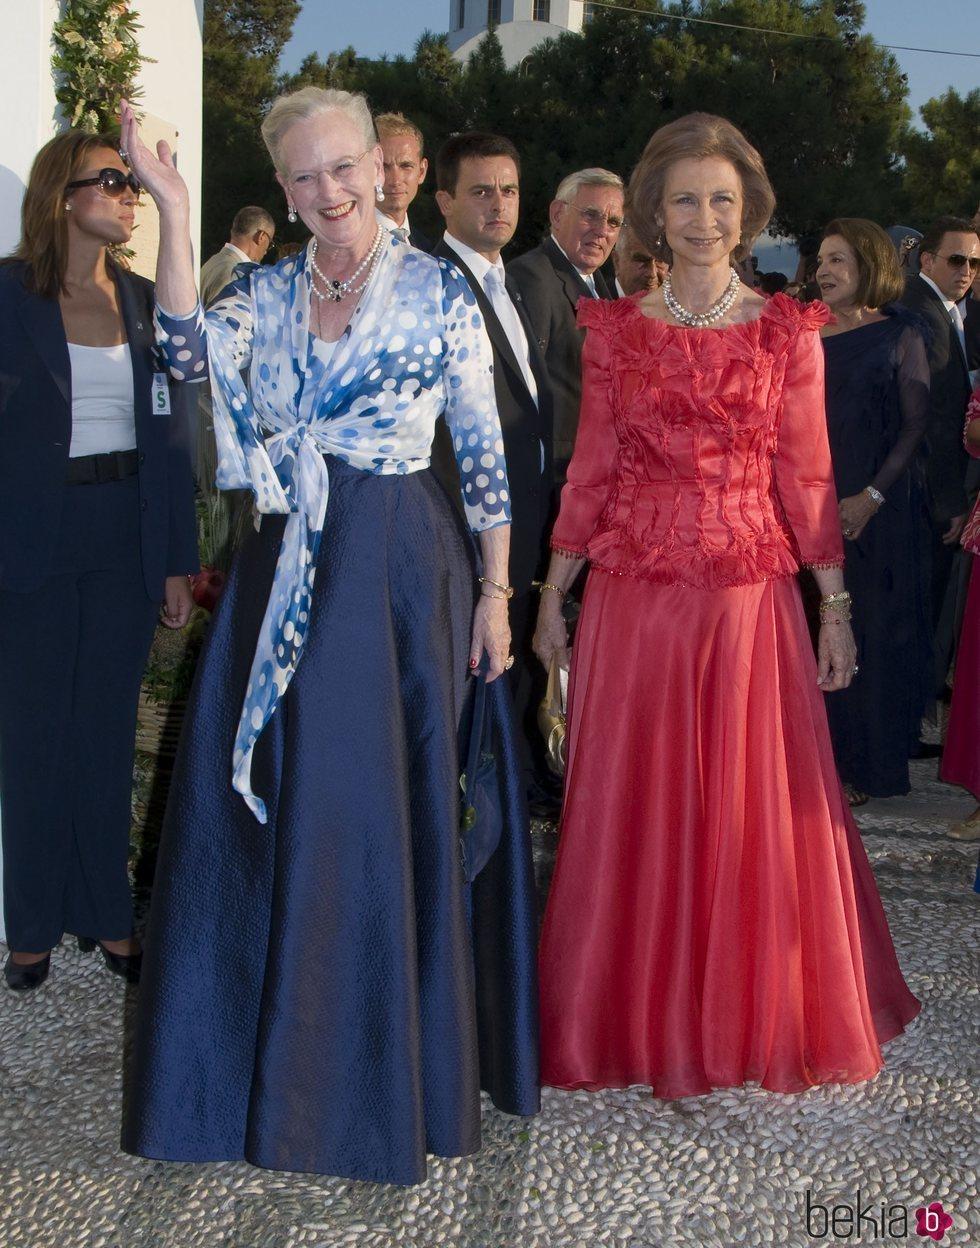 La Reina Margarita de Dinamarca y la Reina Sofía en la boda de Nicolás de Grecia y Tatiana Blatnik